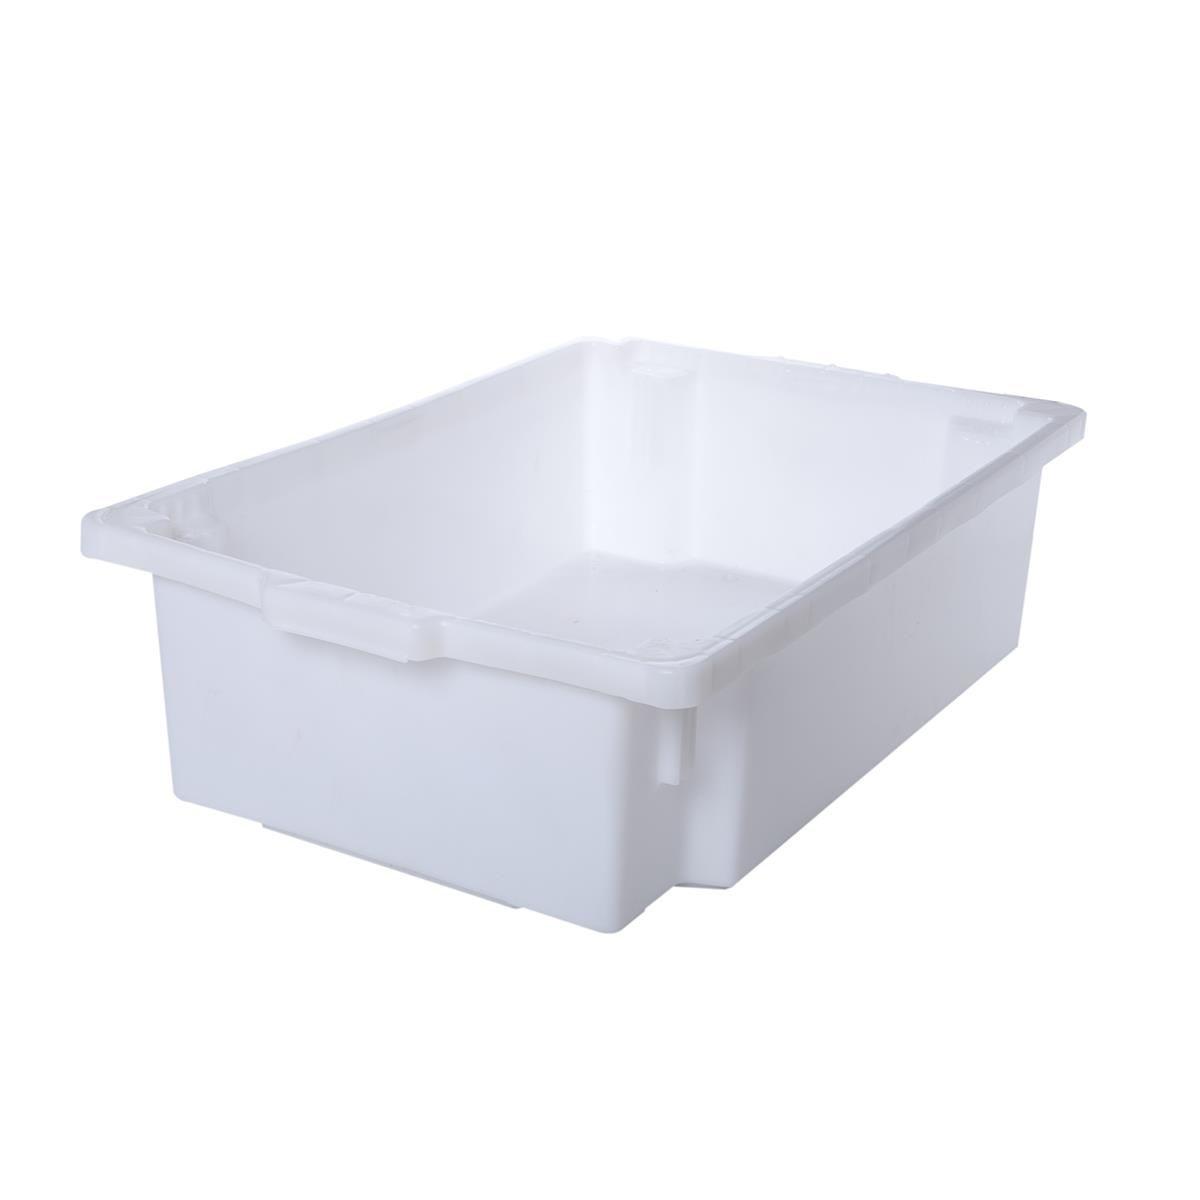 Caixa Organizadora Plástica Reforçada Com Tampa Supercron S-650 Branca 15,5 Litros